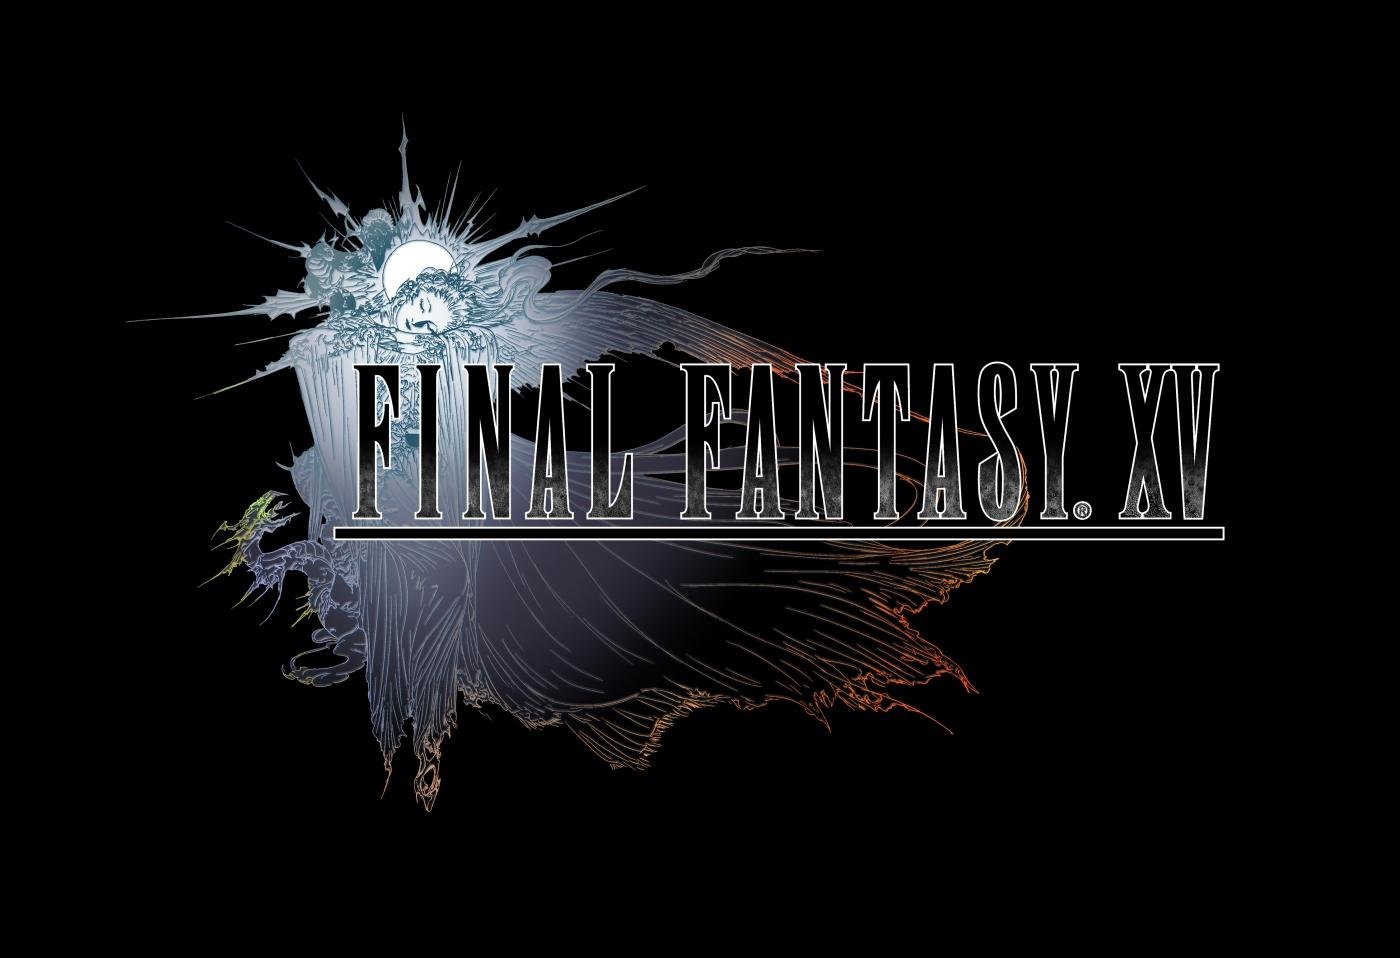 final-fantasy-xv-logo-wallpaper